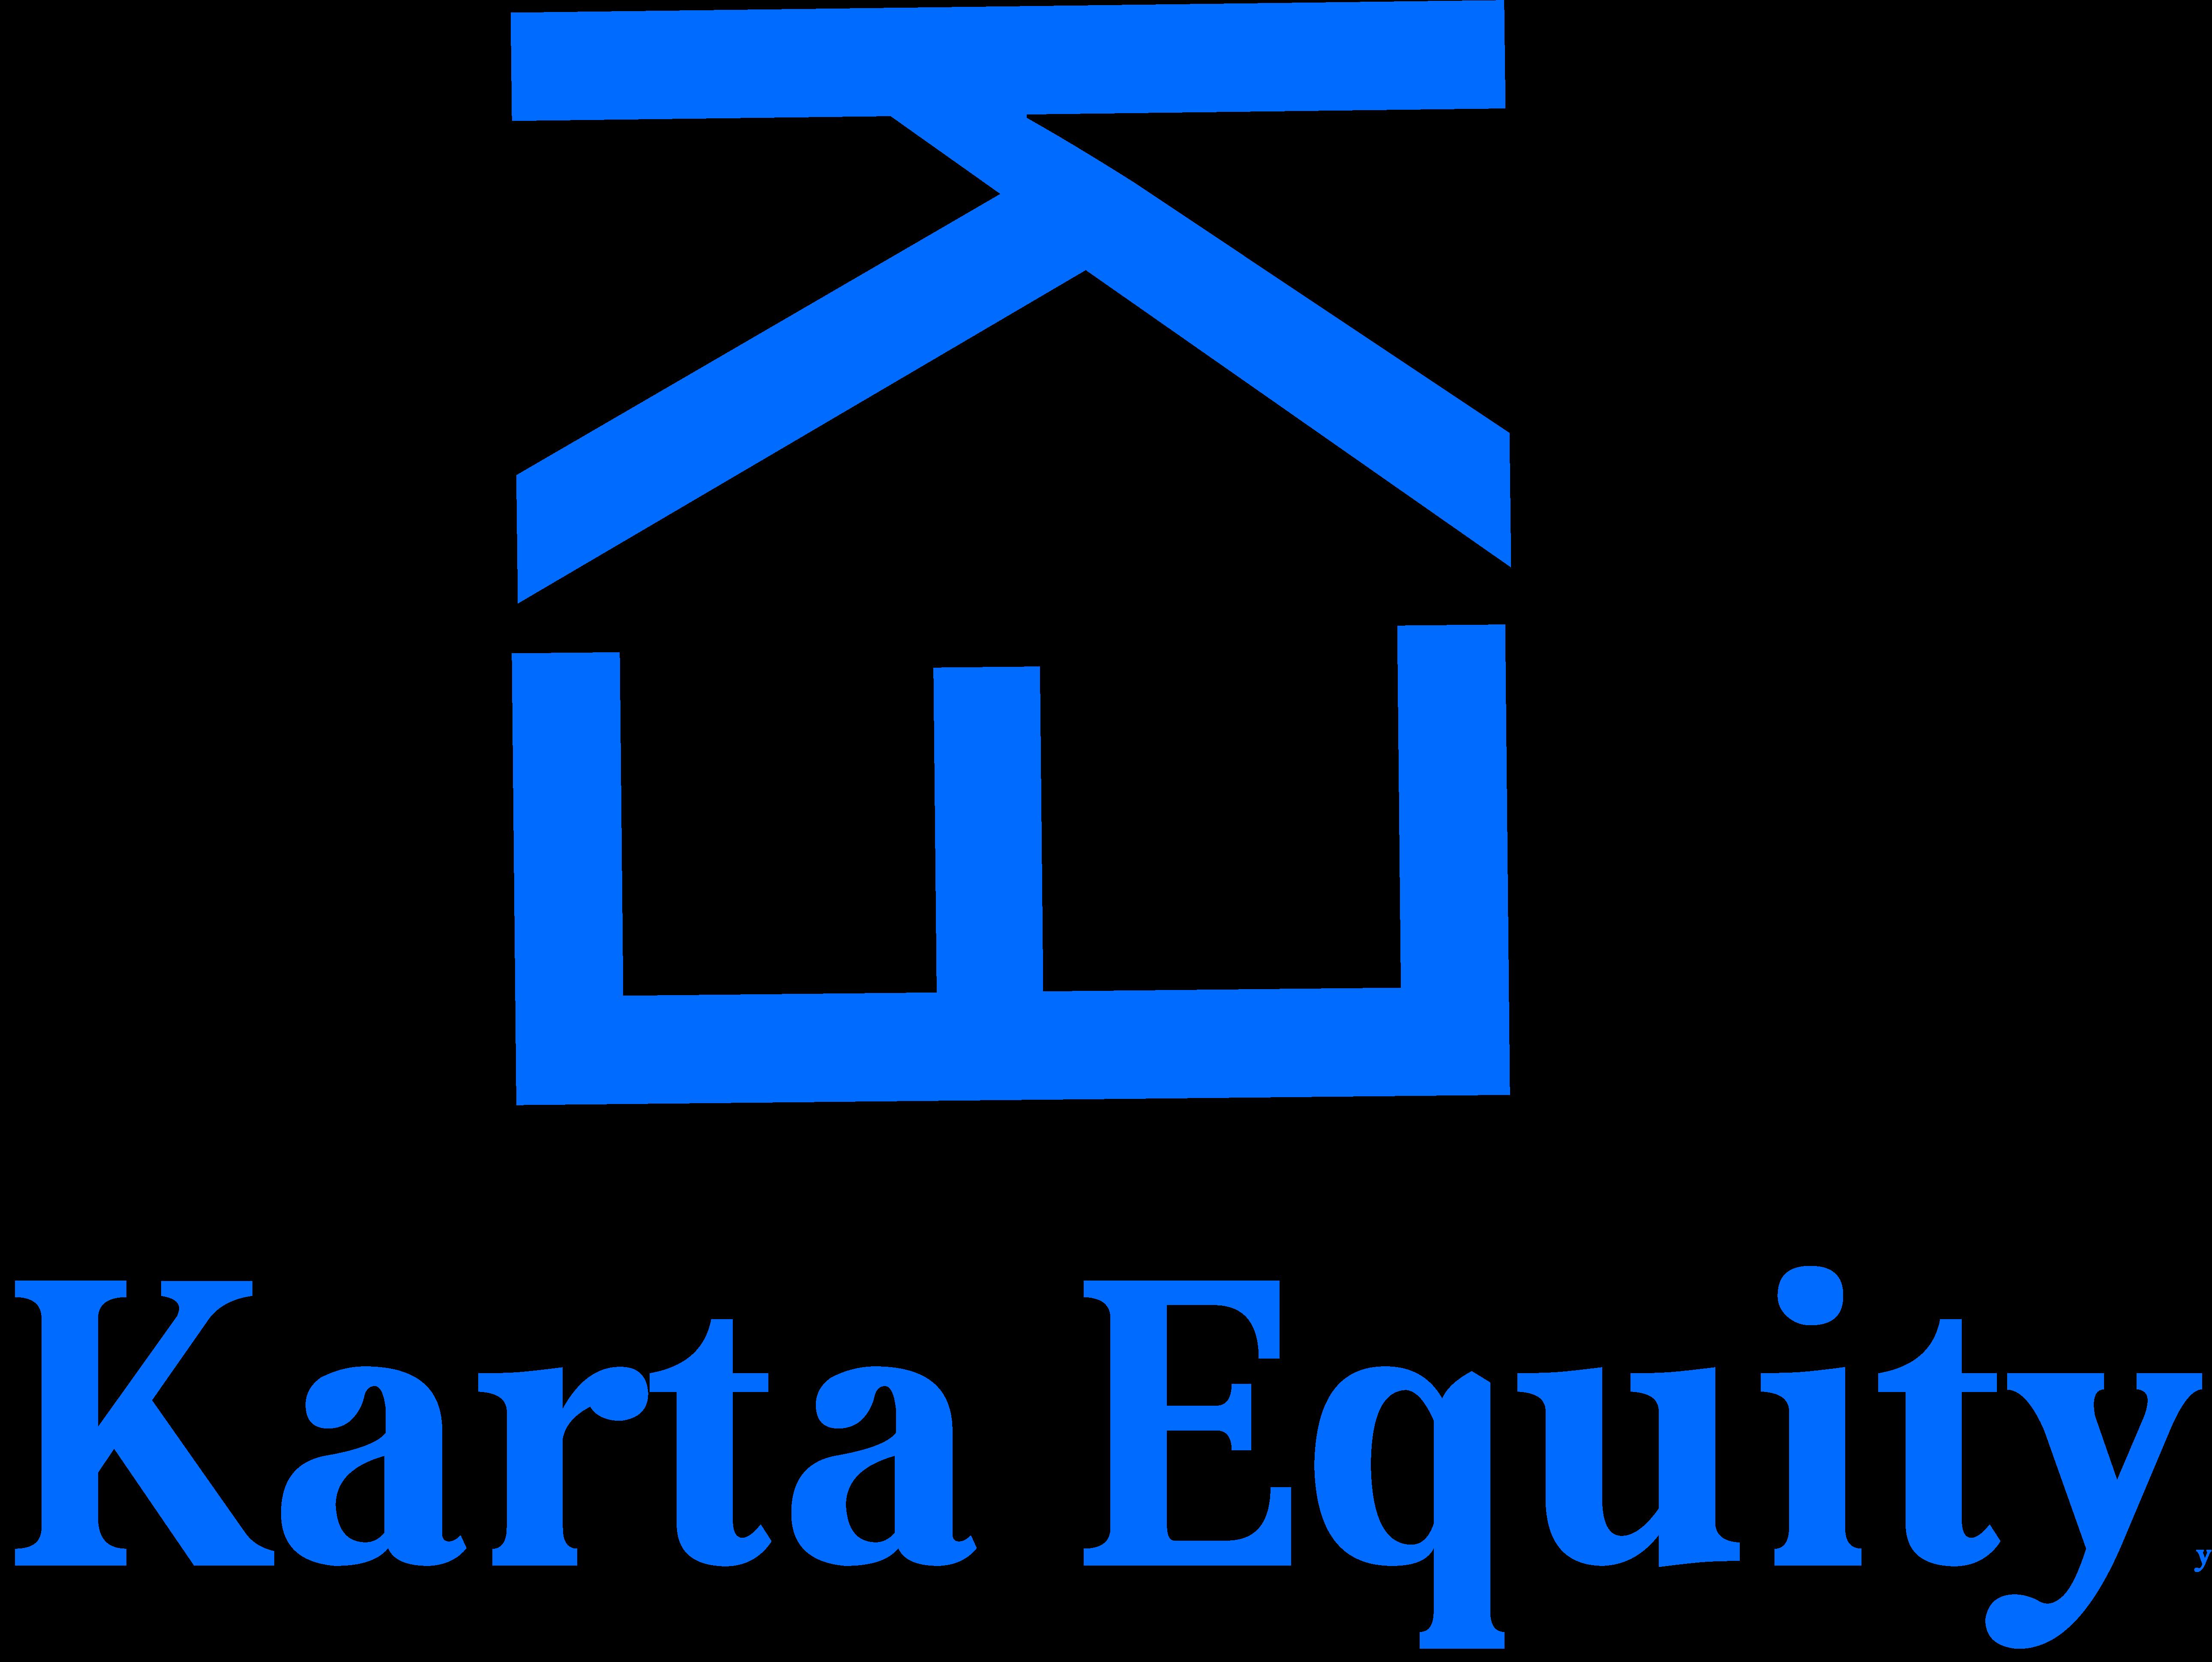 Логотип для компании инвестироваюшей в жилую недвижимость фото f_9355e15c41ede808.png